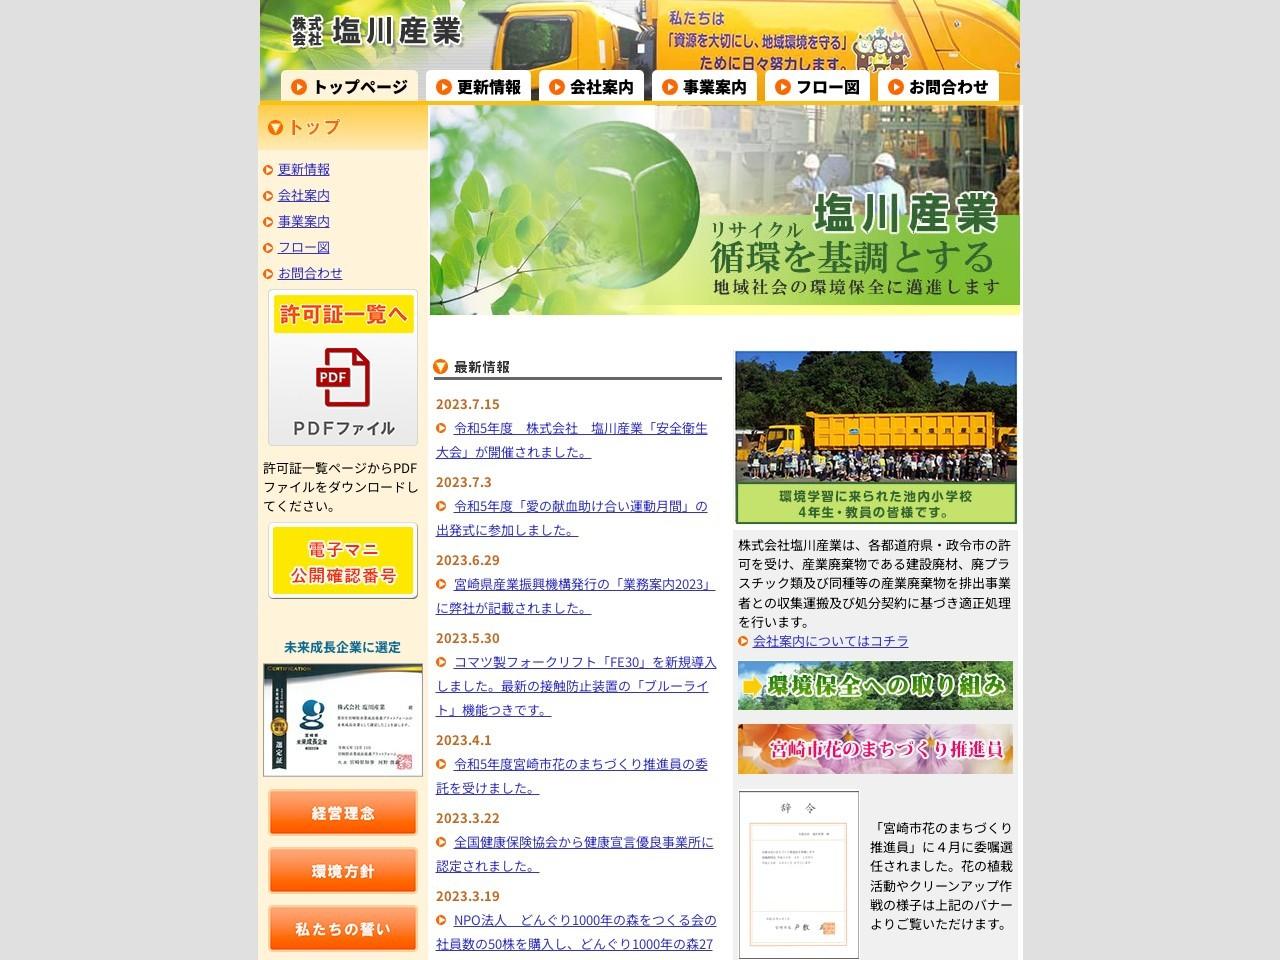 有限会社塩川産業新名爪リサイクルセンター